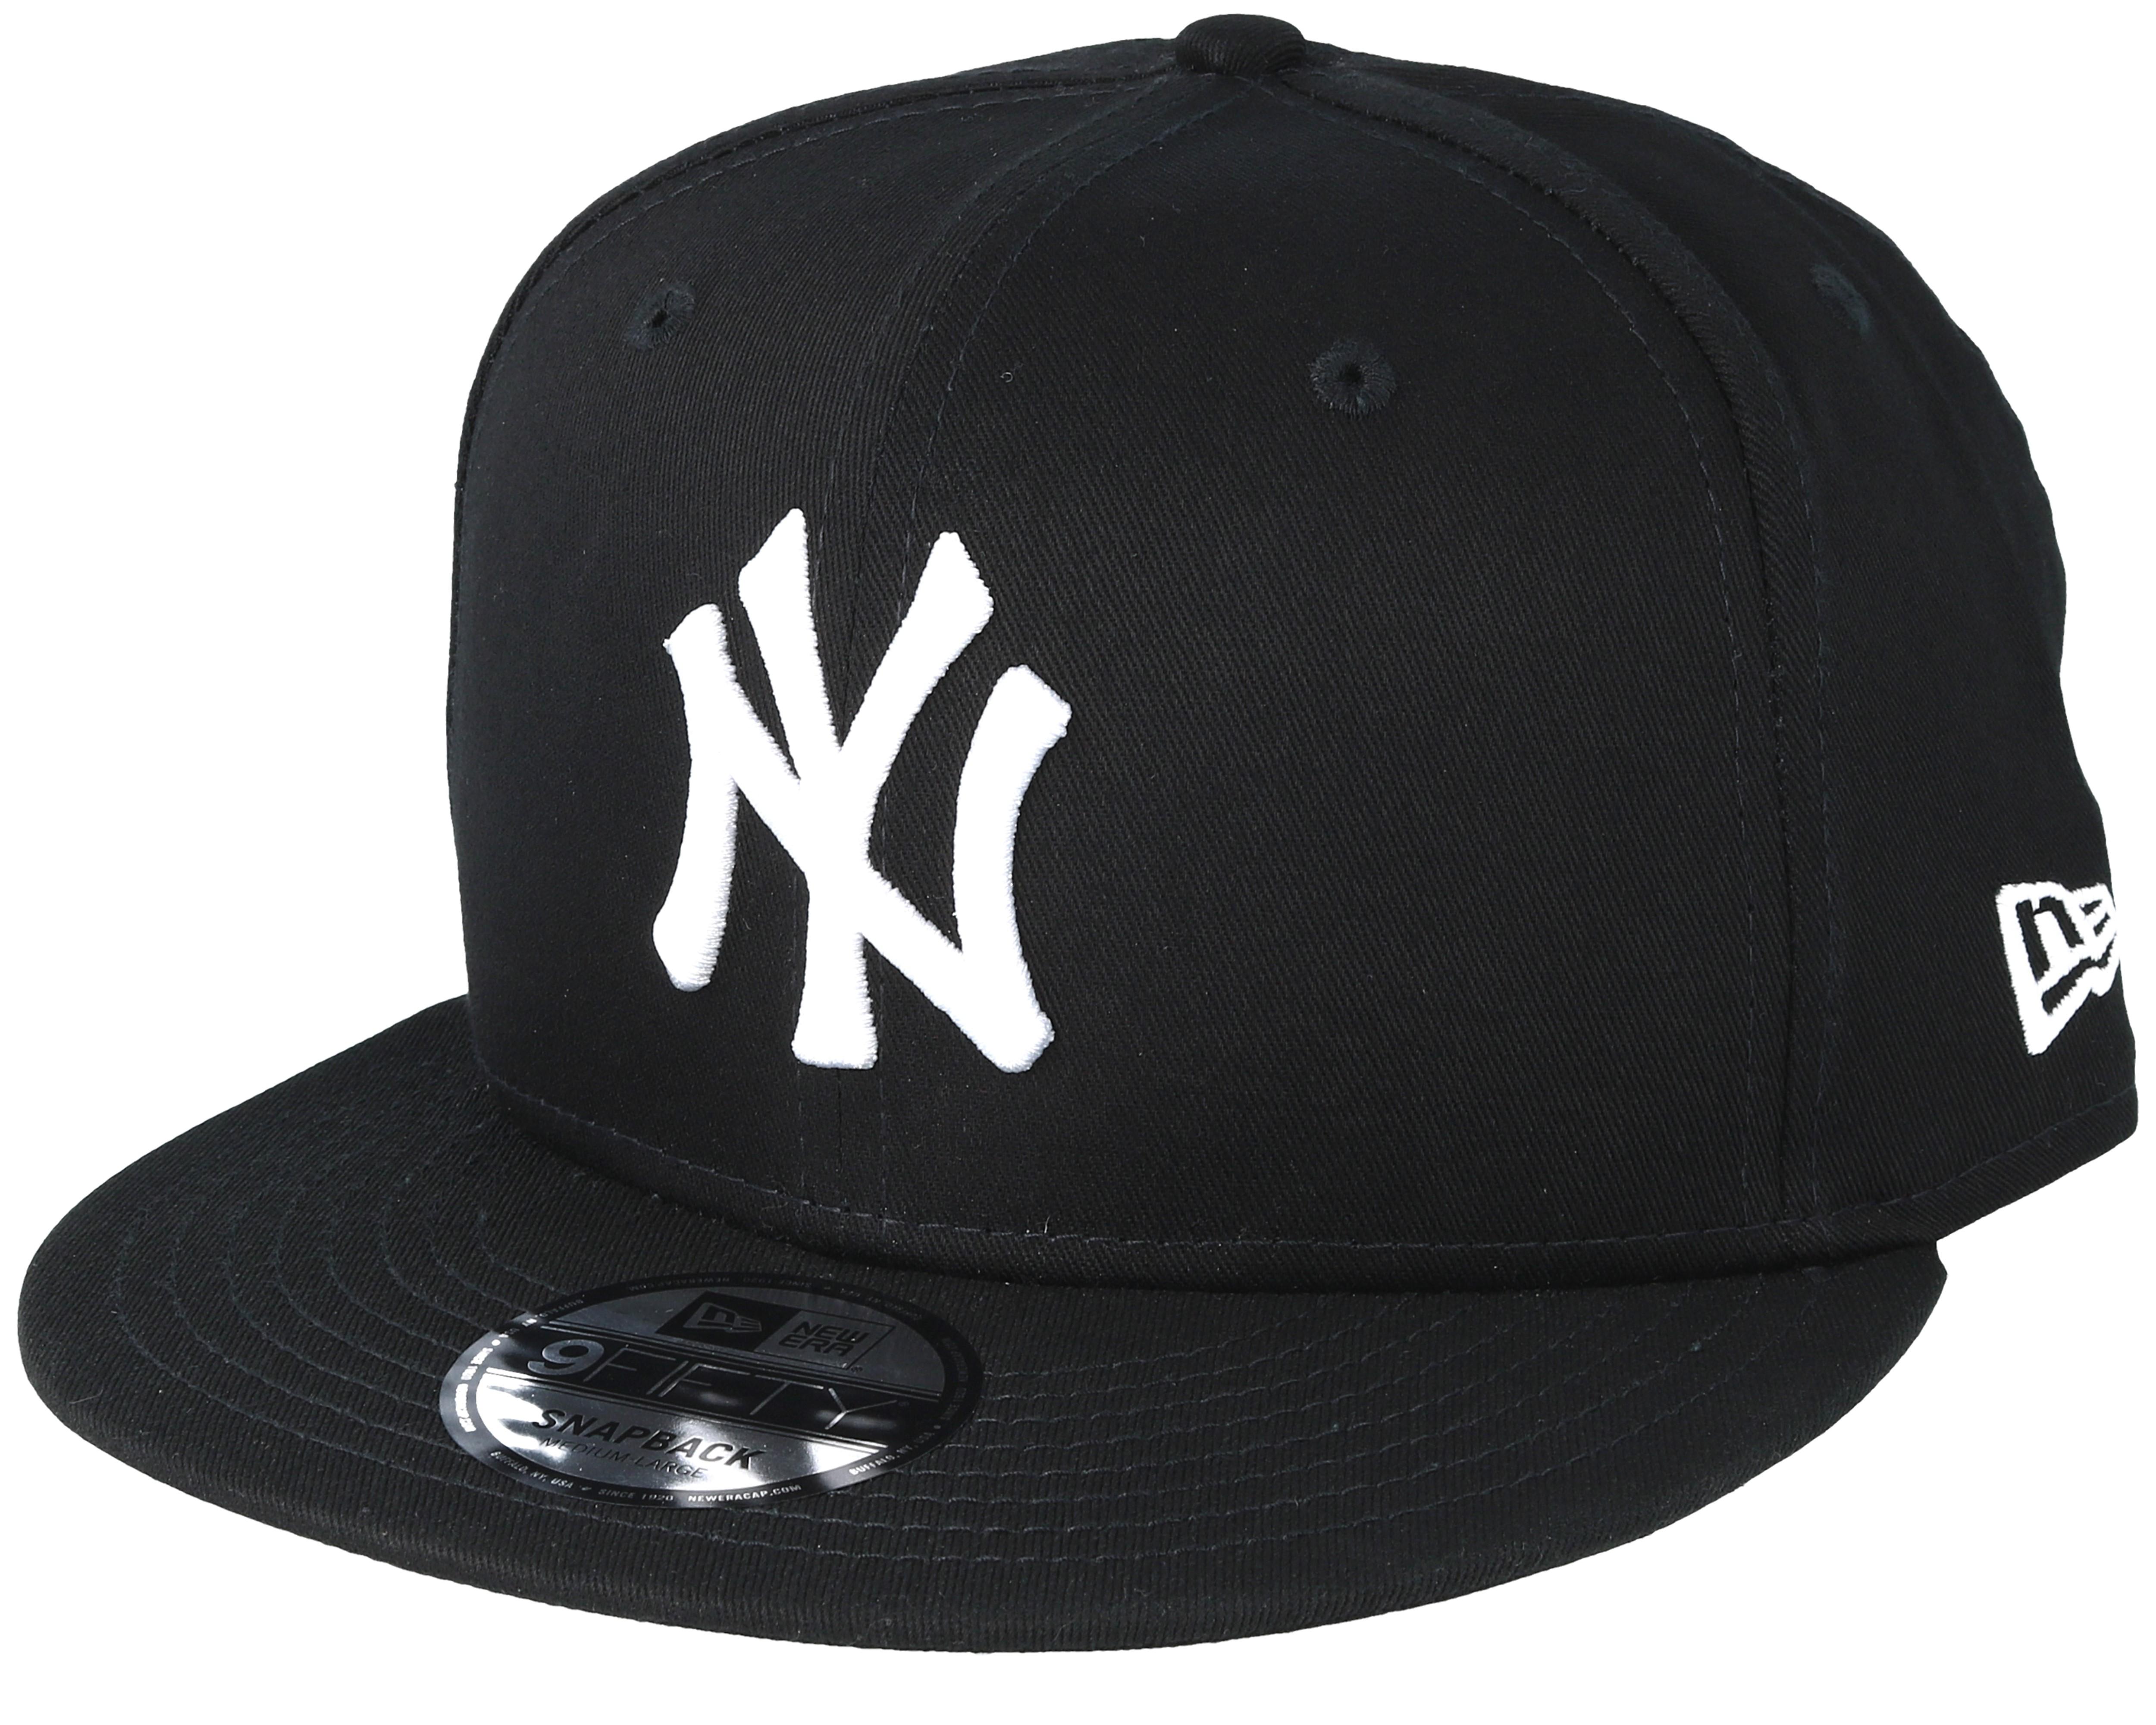 Ny Yankees Black White 9fifty Snapback New Era Caps